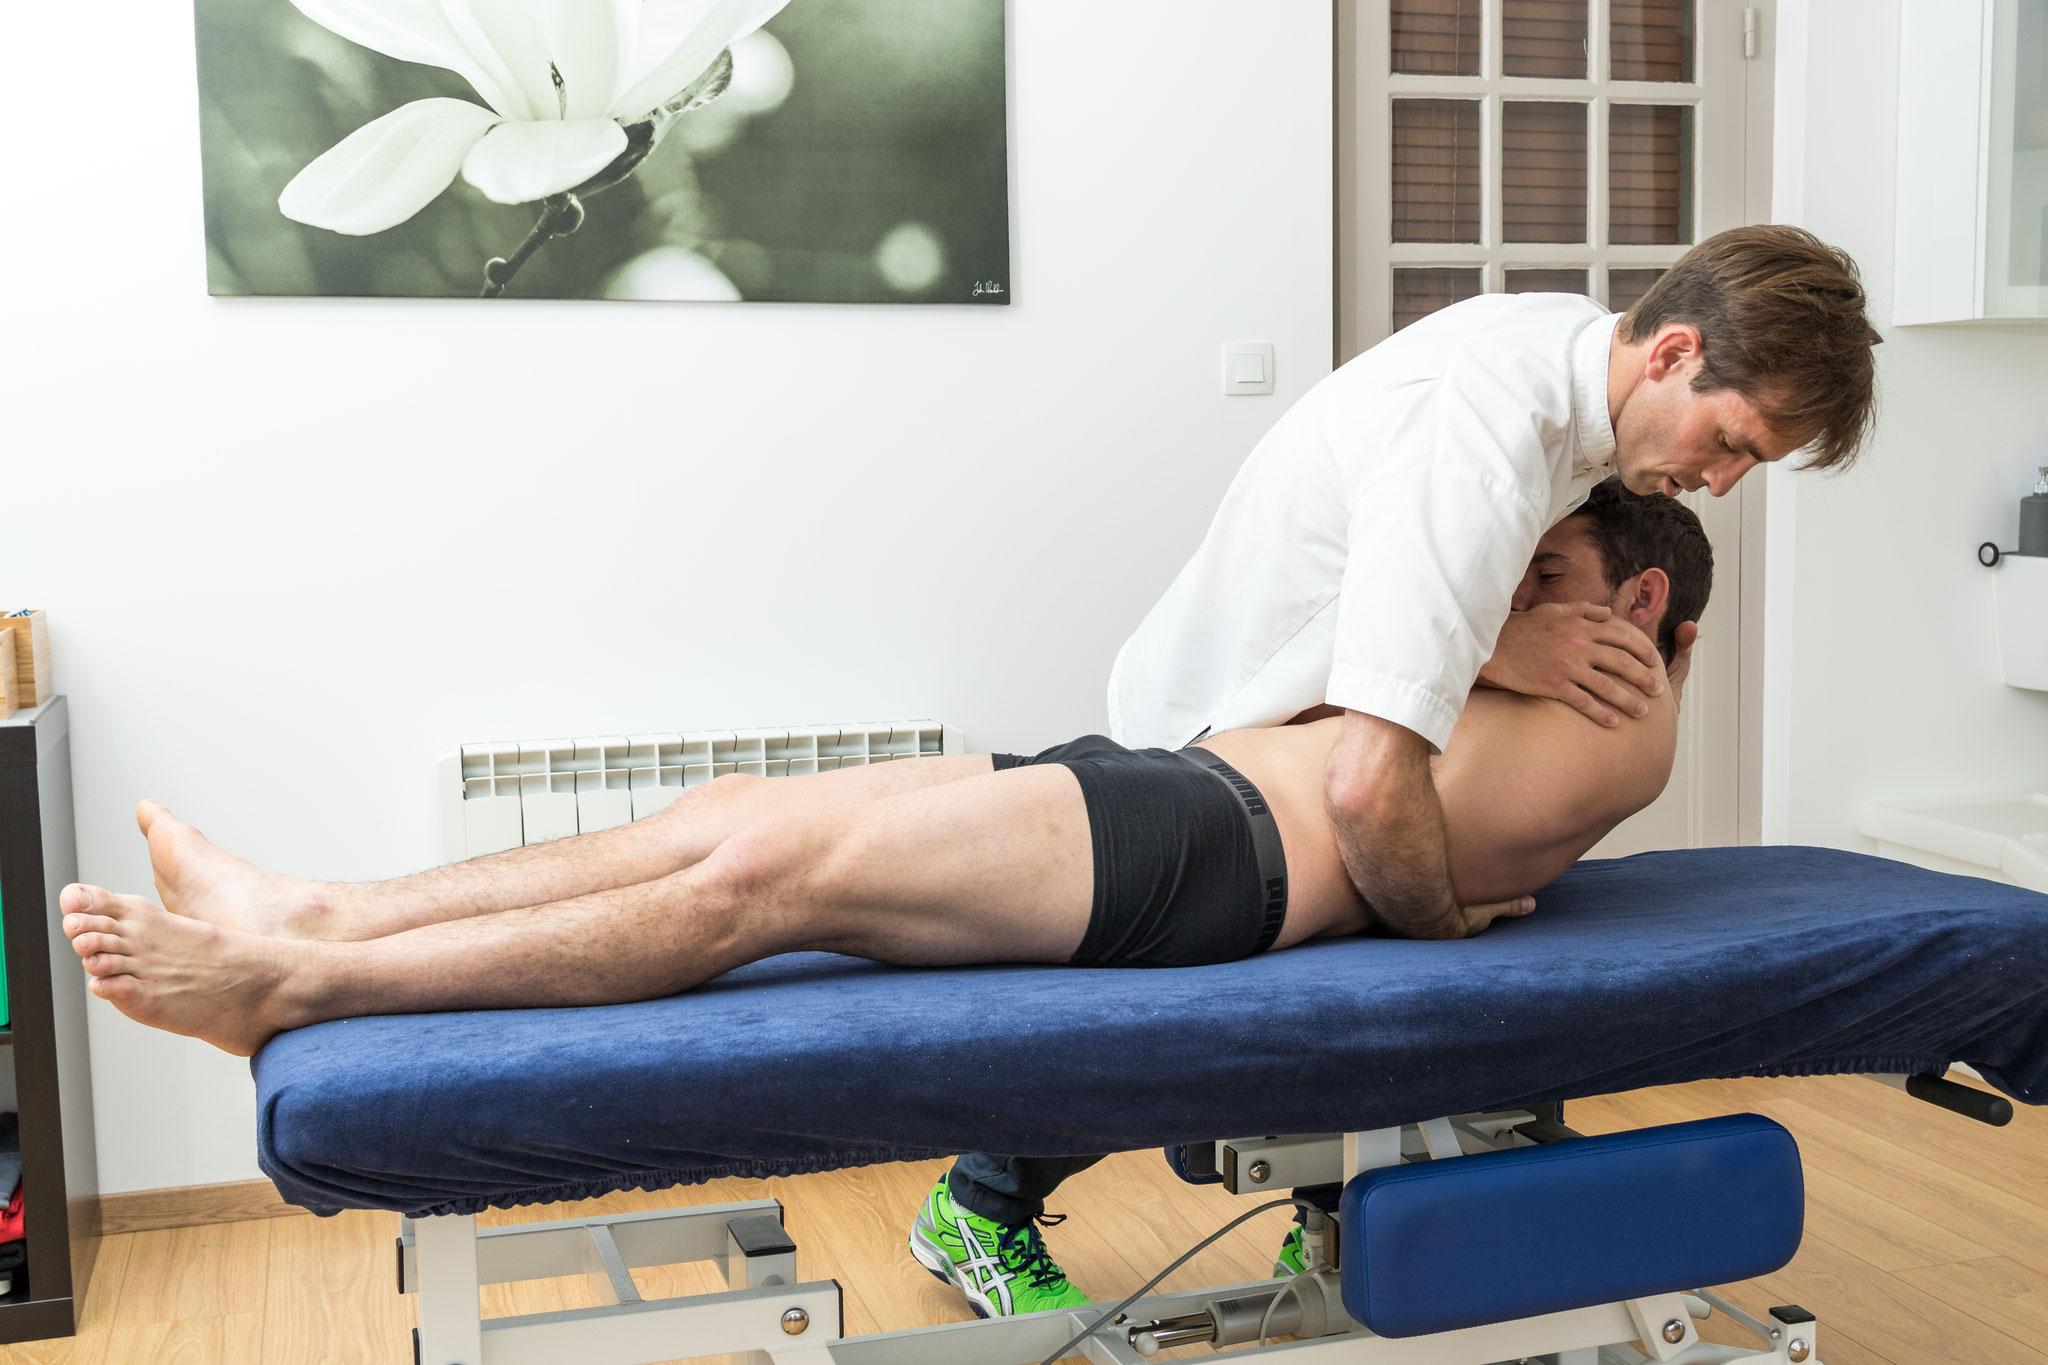 technique de libération articulaire posturopathique du rachis dorsal